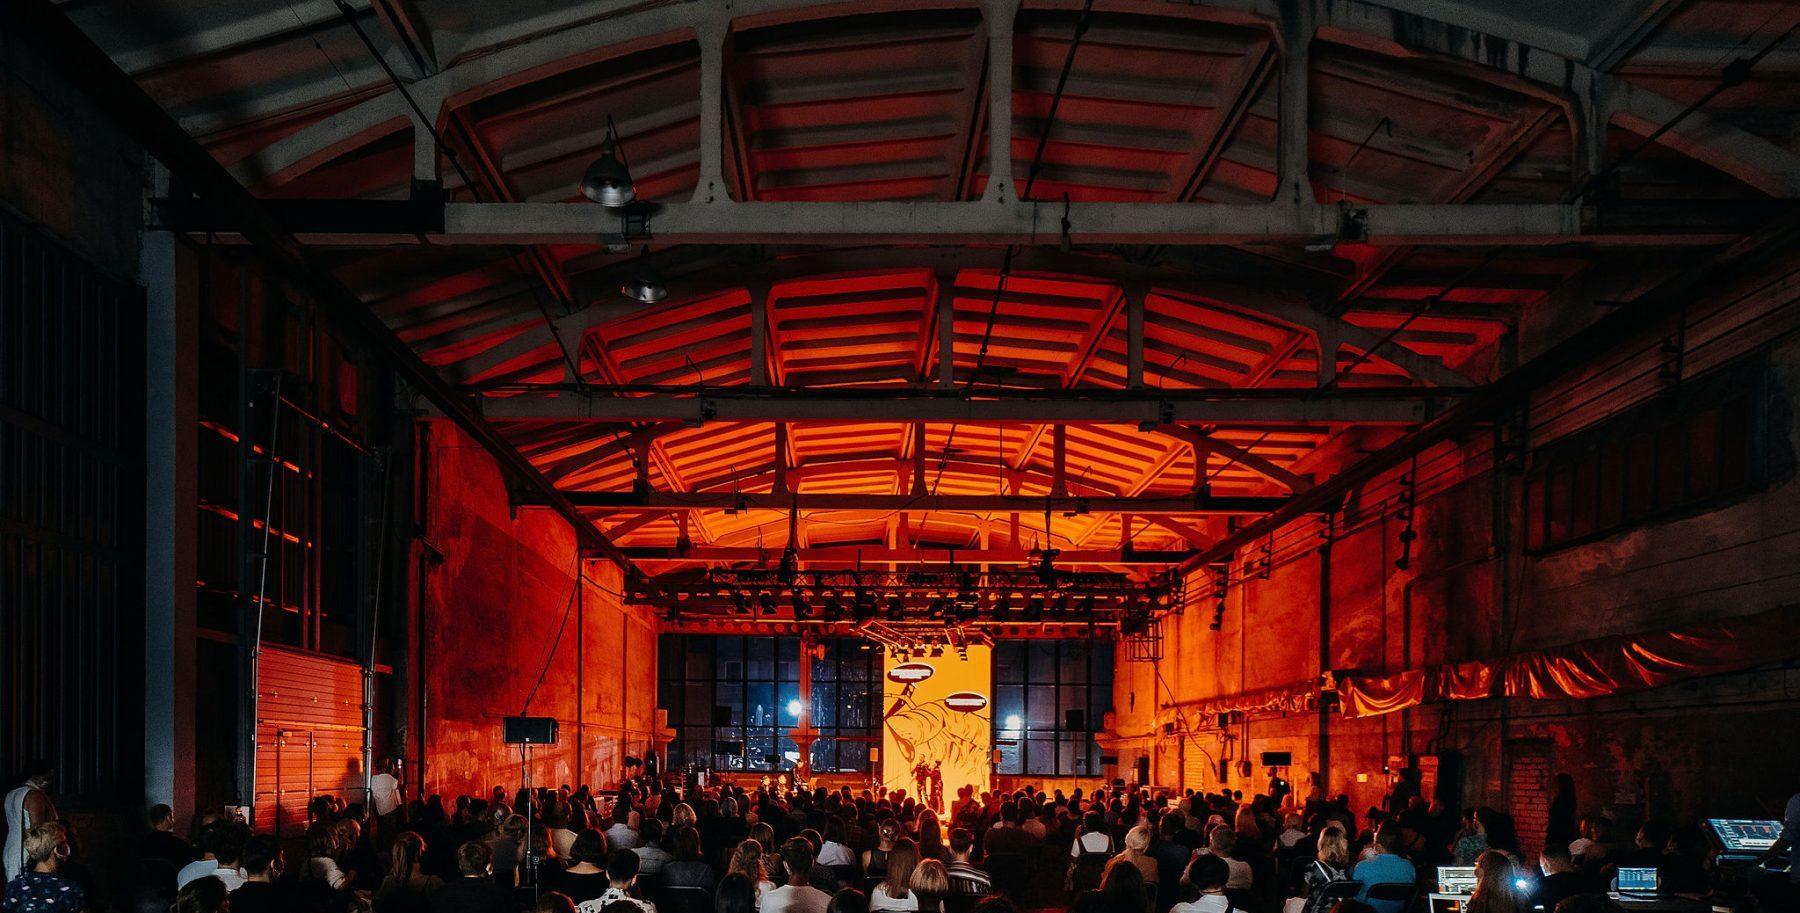 """Festivalis """"ConTempo"""" menininkams siūlo didžiausią sceną – miestą"""